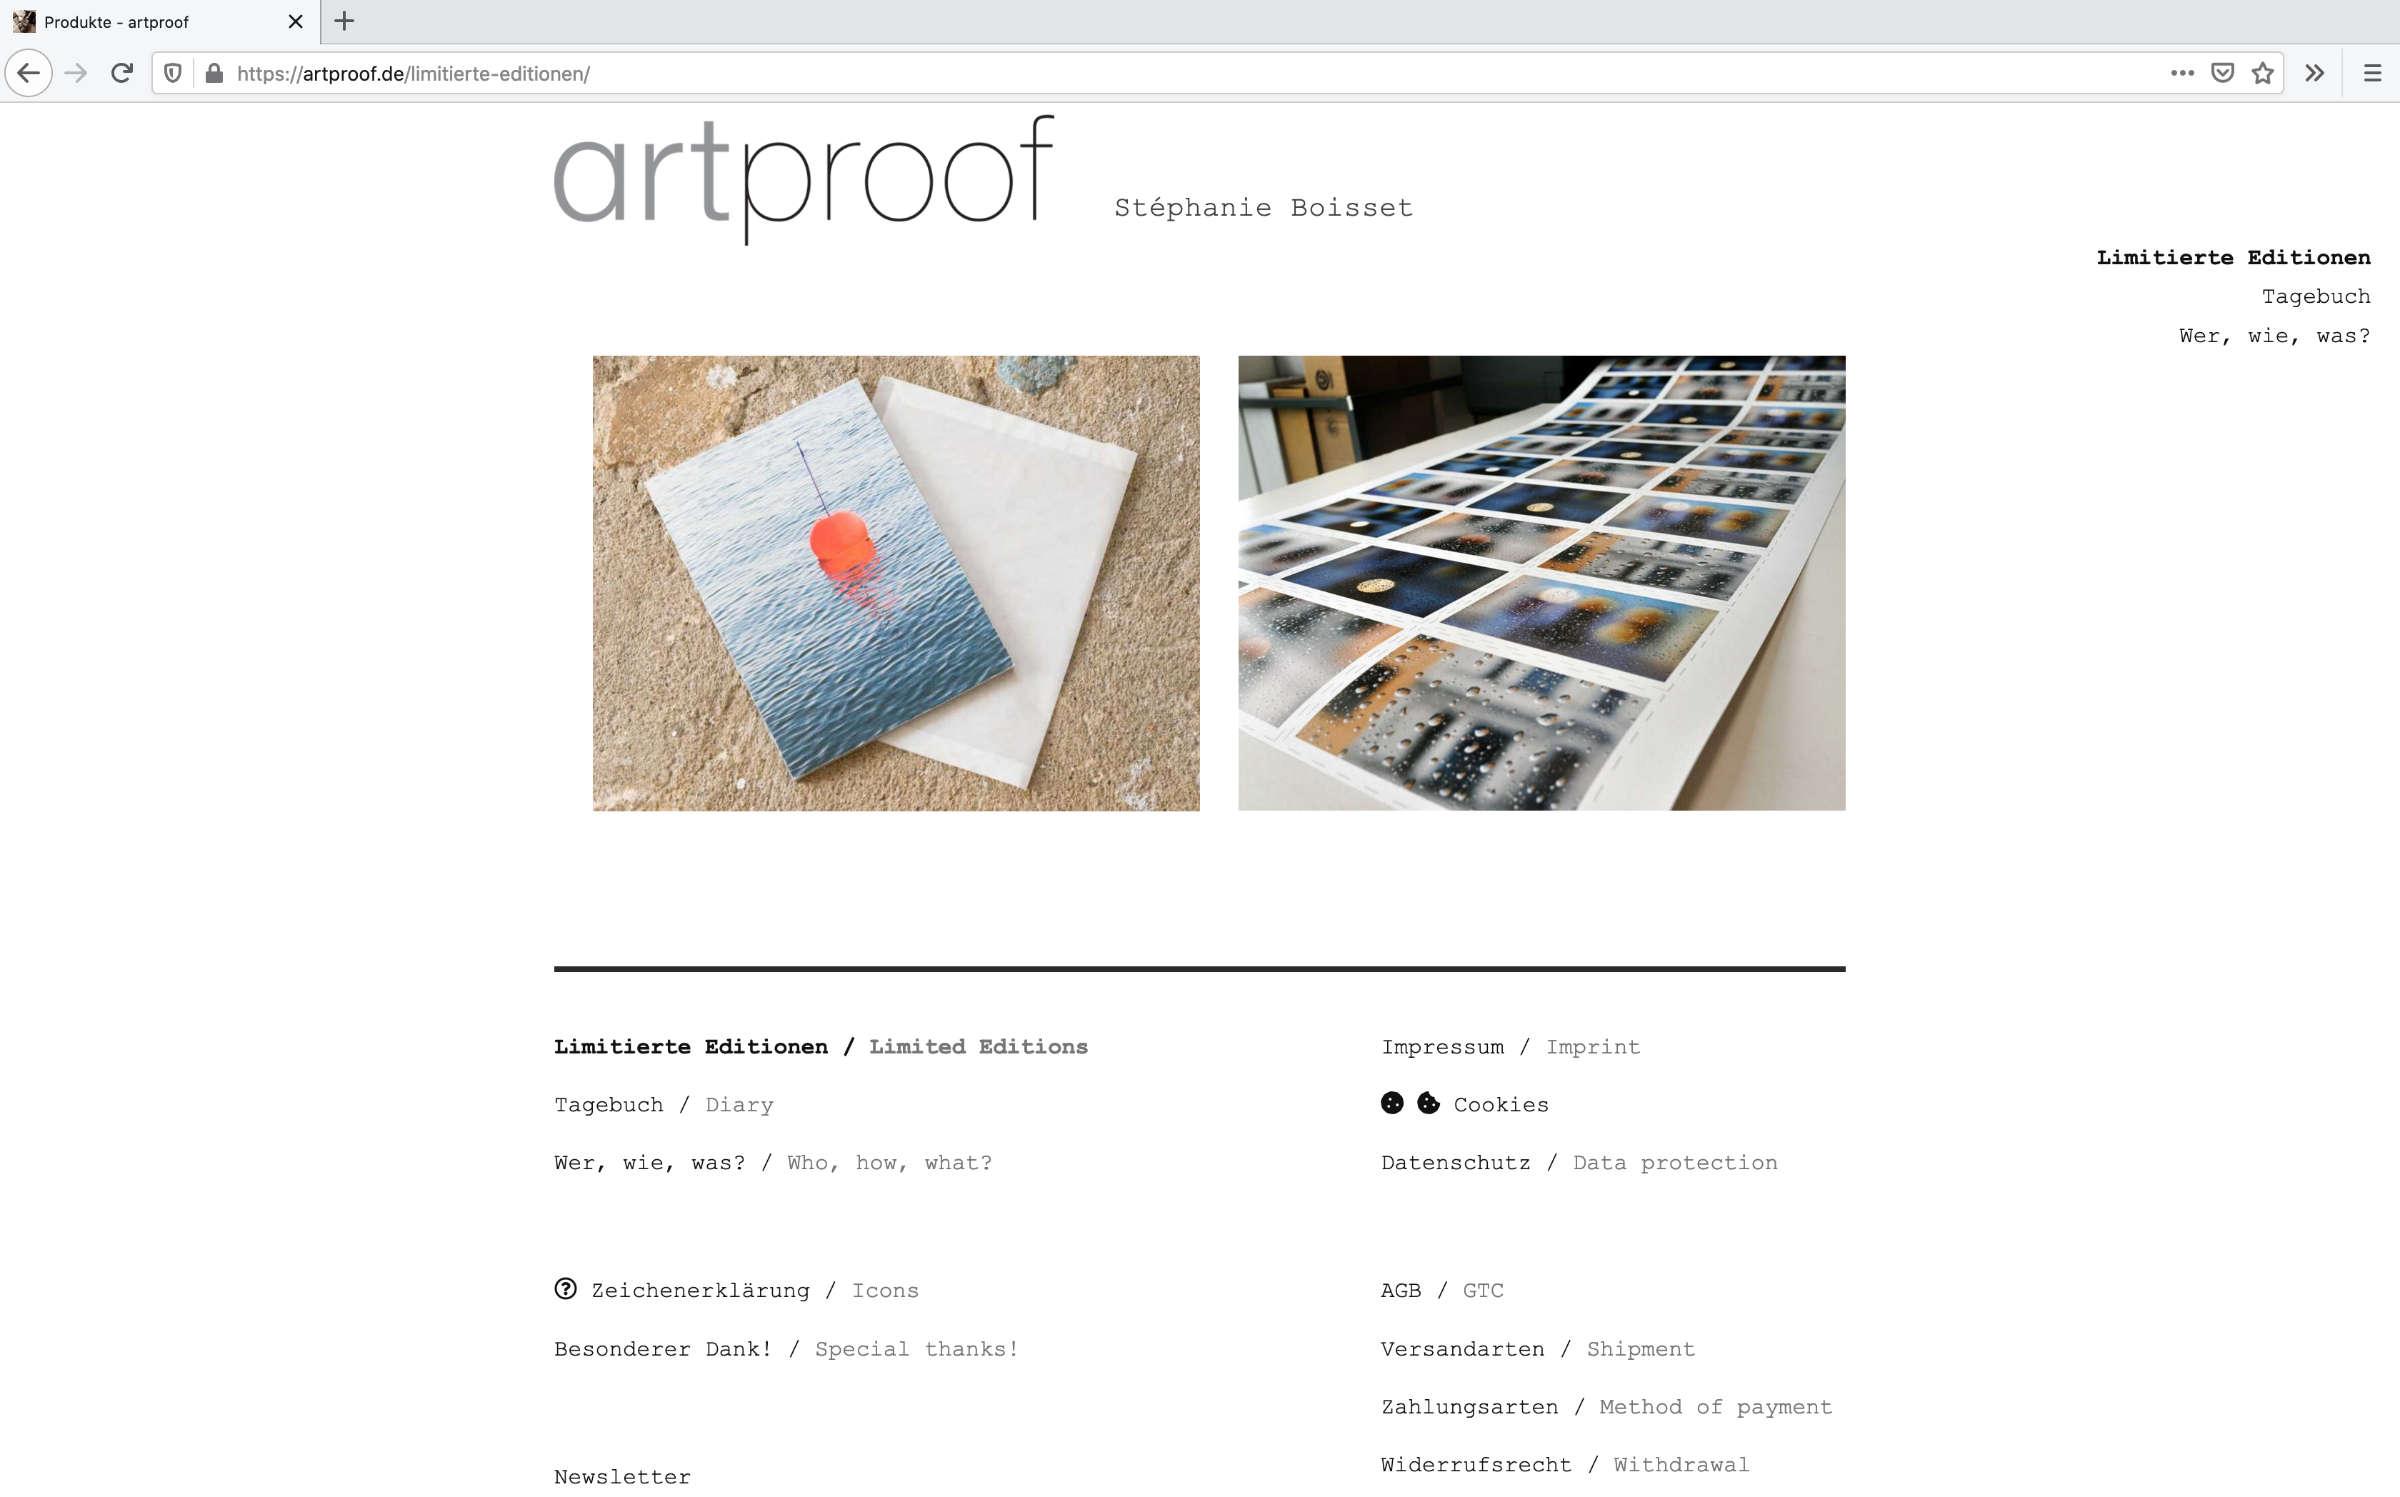 Limitierte Editionen auf der Website artproof.de